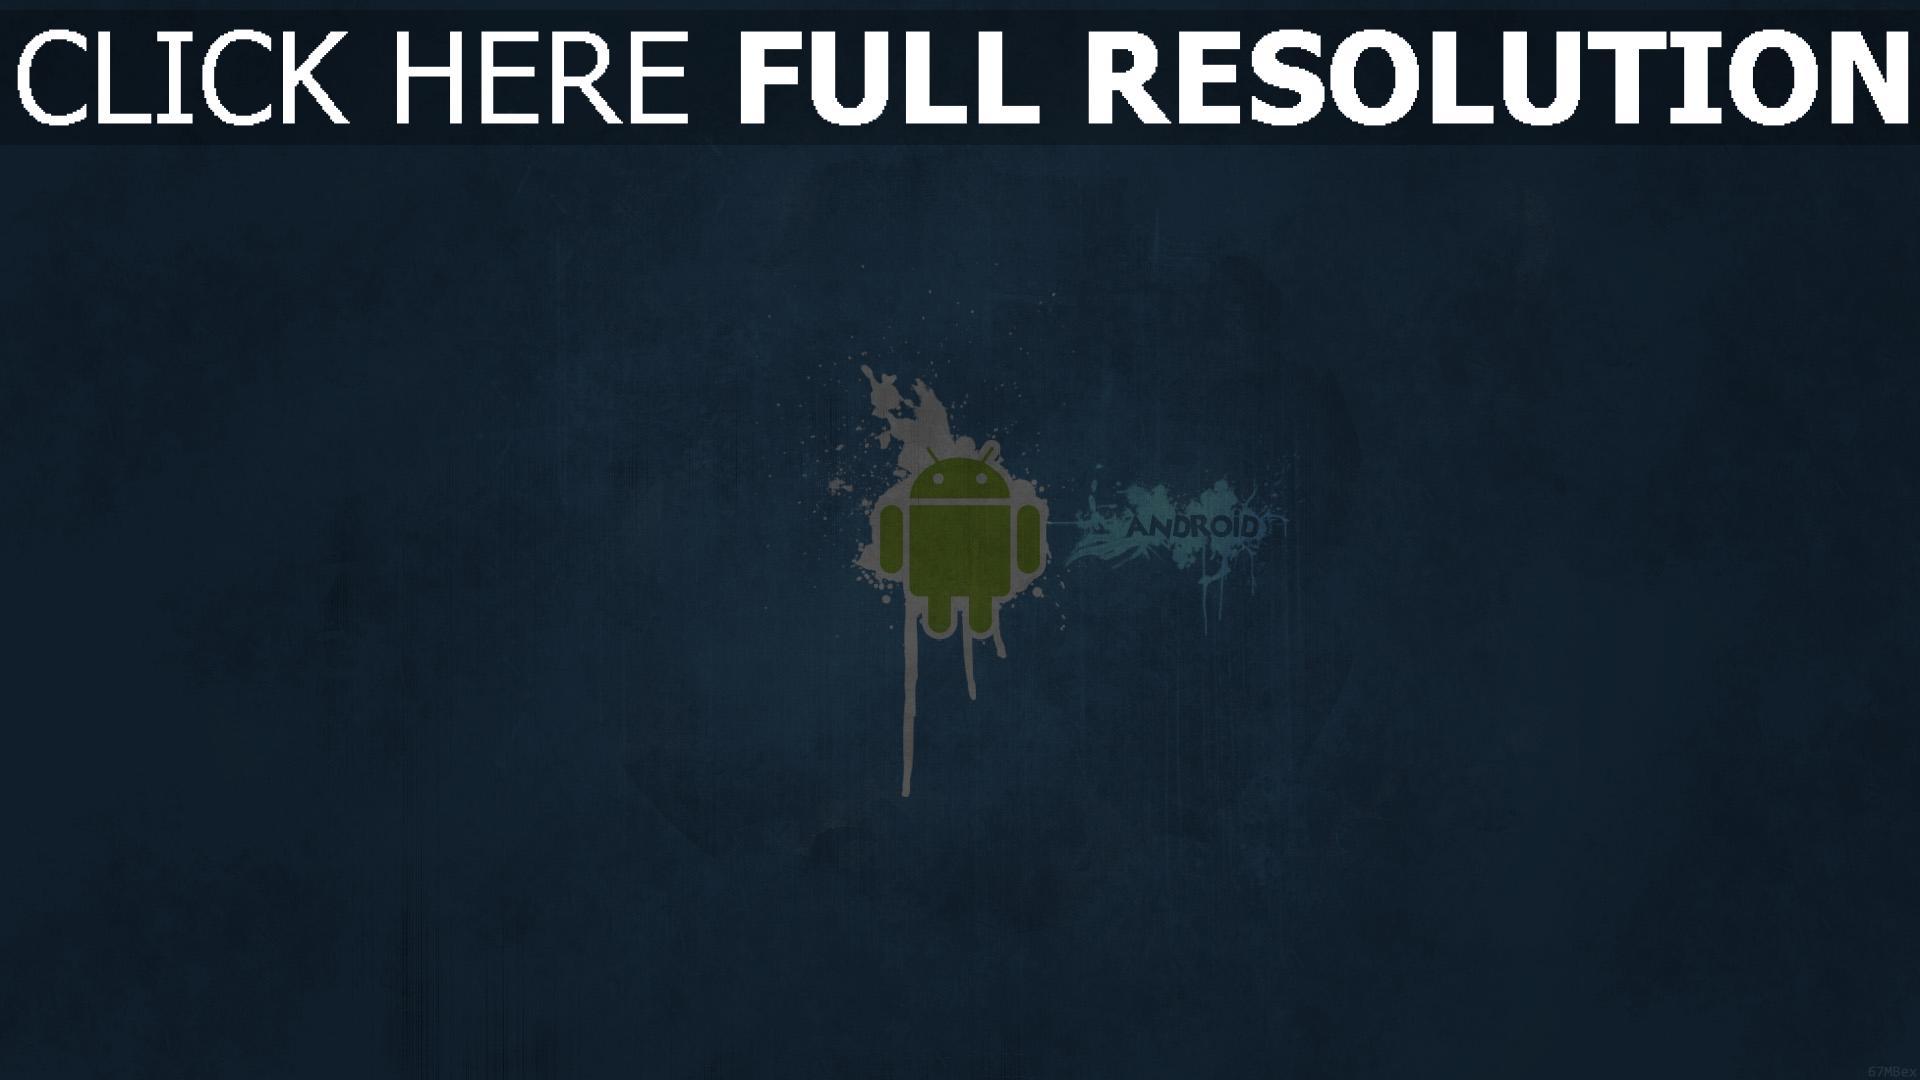 fond d'écran 1920x1080 android minimalisme logo de la marque